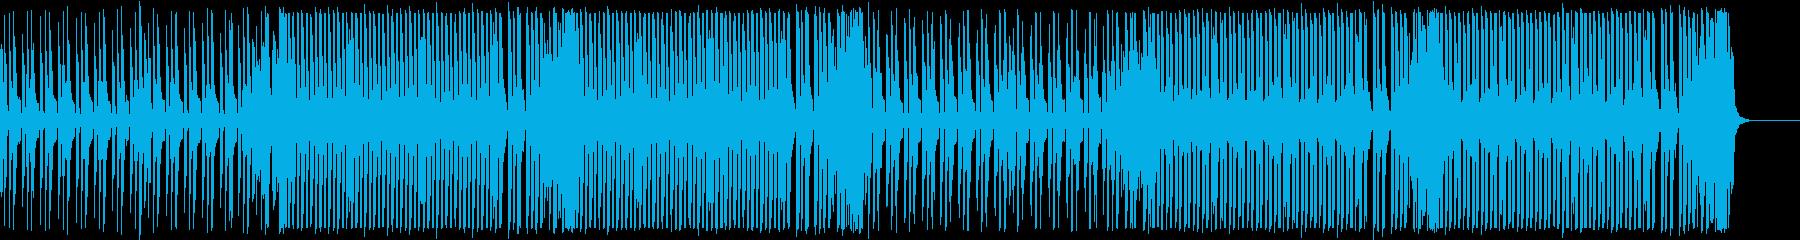 エレクトロスウィング/怪しげで楽しげな曲の再生済みの波形